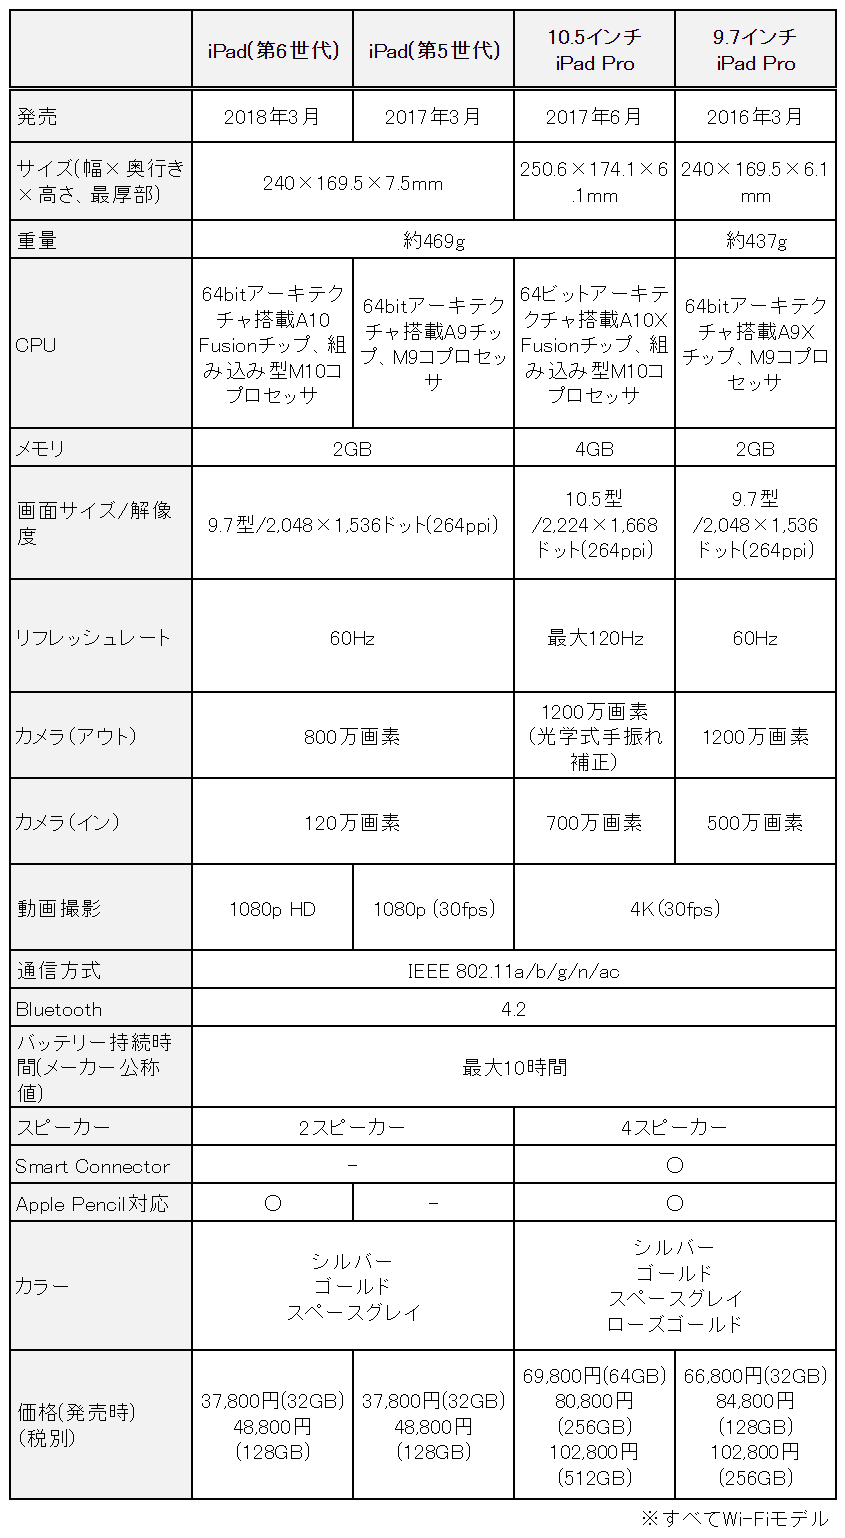 f:id:sora-no-color:20180408185845p:plain